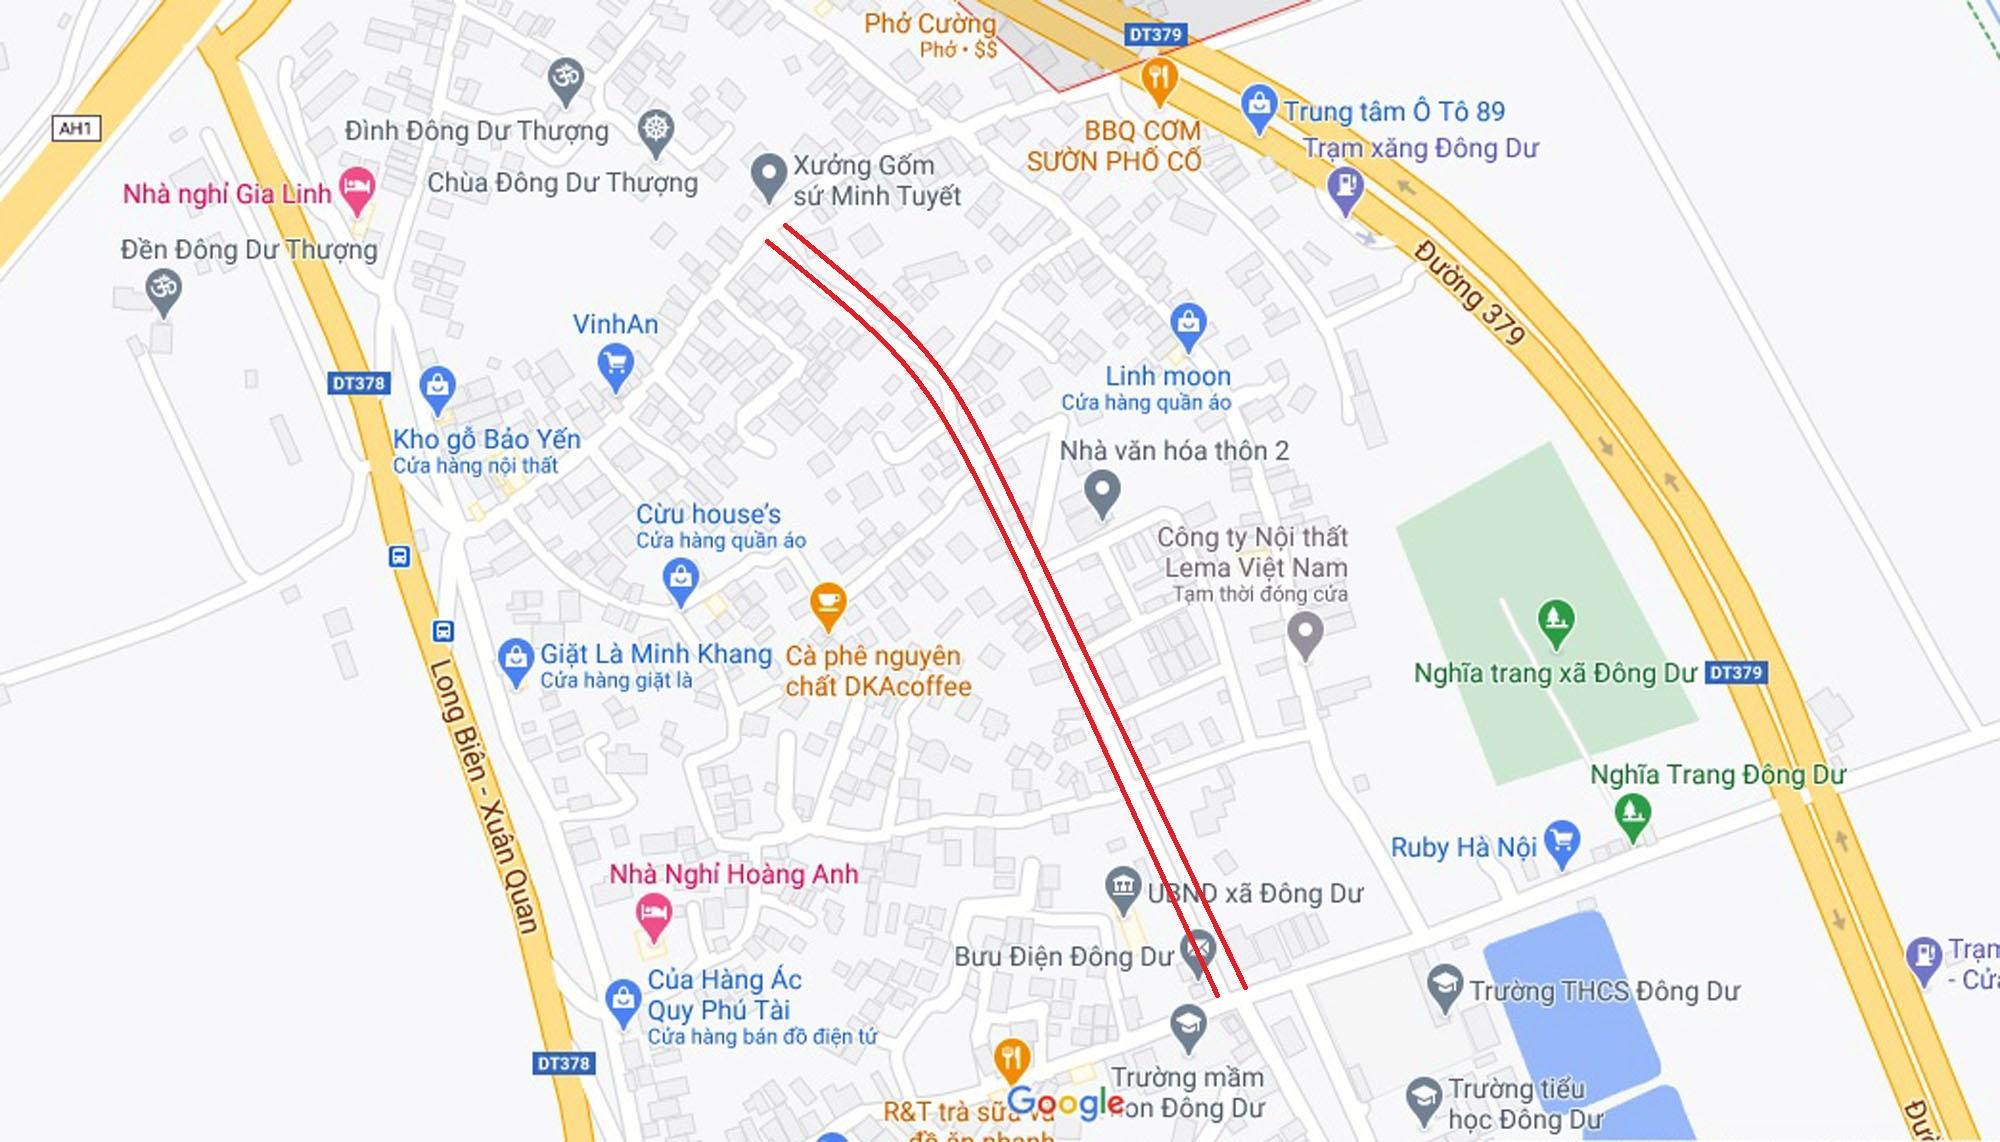 đường sẽ mở theo qui hoạch ở xã Đông Dư, Gia Lâm, Hà Nội - Ảnh 9.